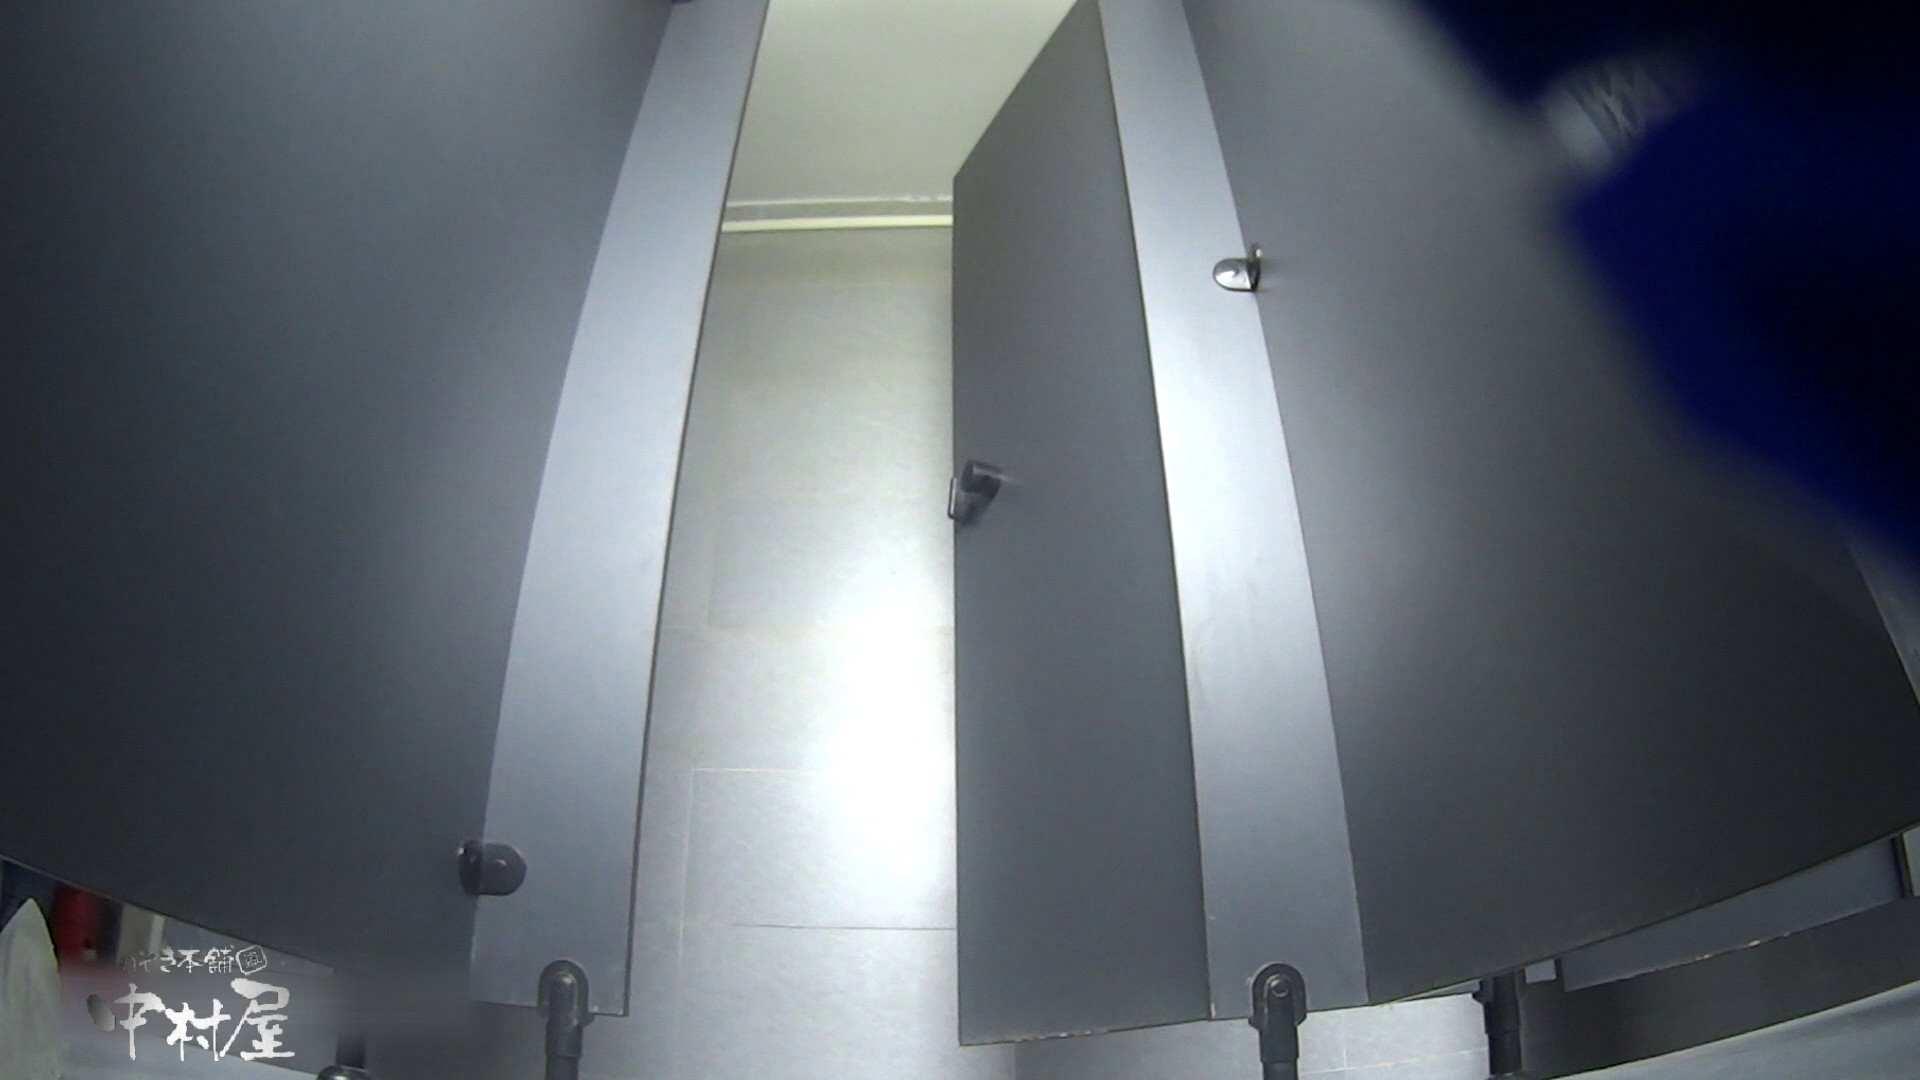 ツンデレお女市さんのトイレ事情 大学休憩時間の洗面所事情32 トイレ  75画像 60